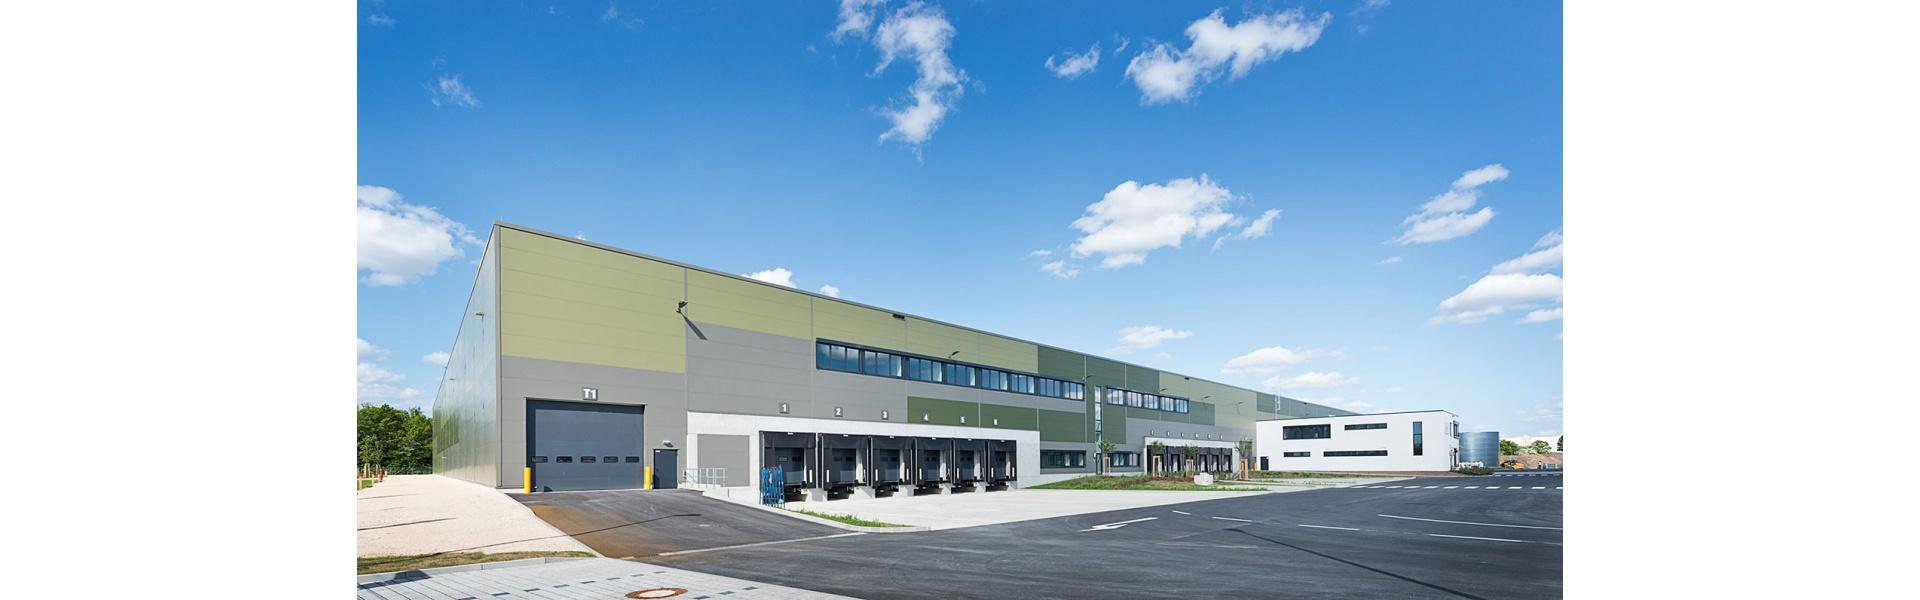 Greenfield Logistik Nuernberg 1 03